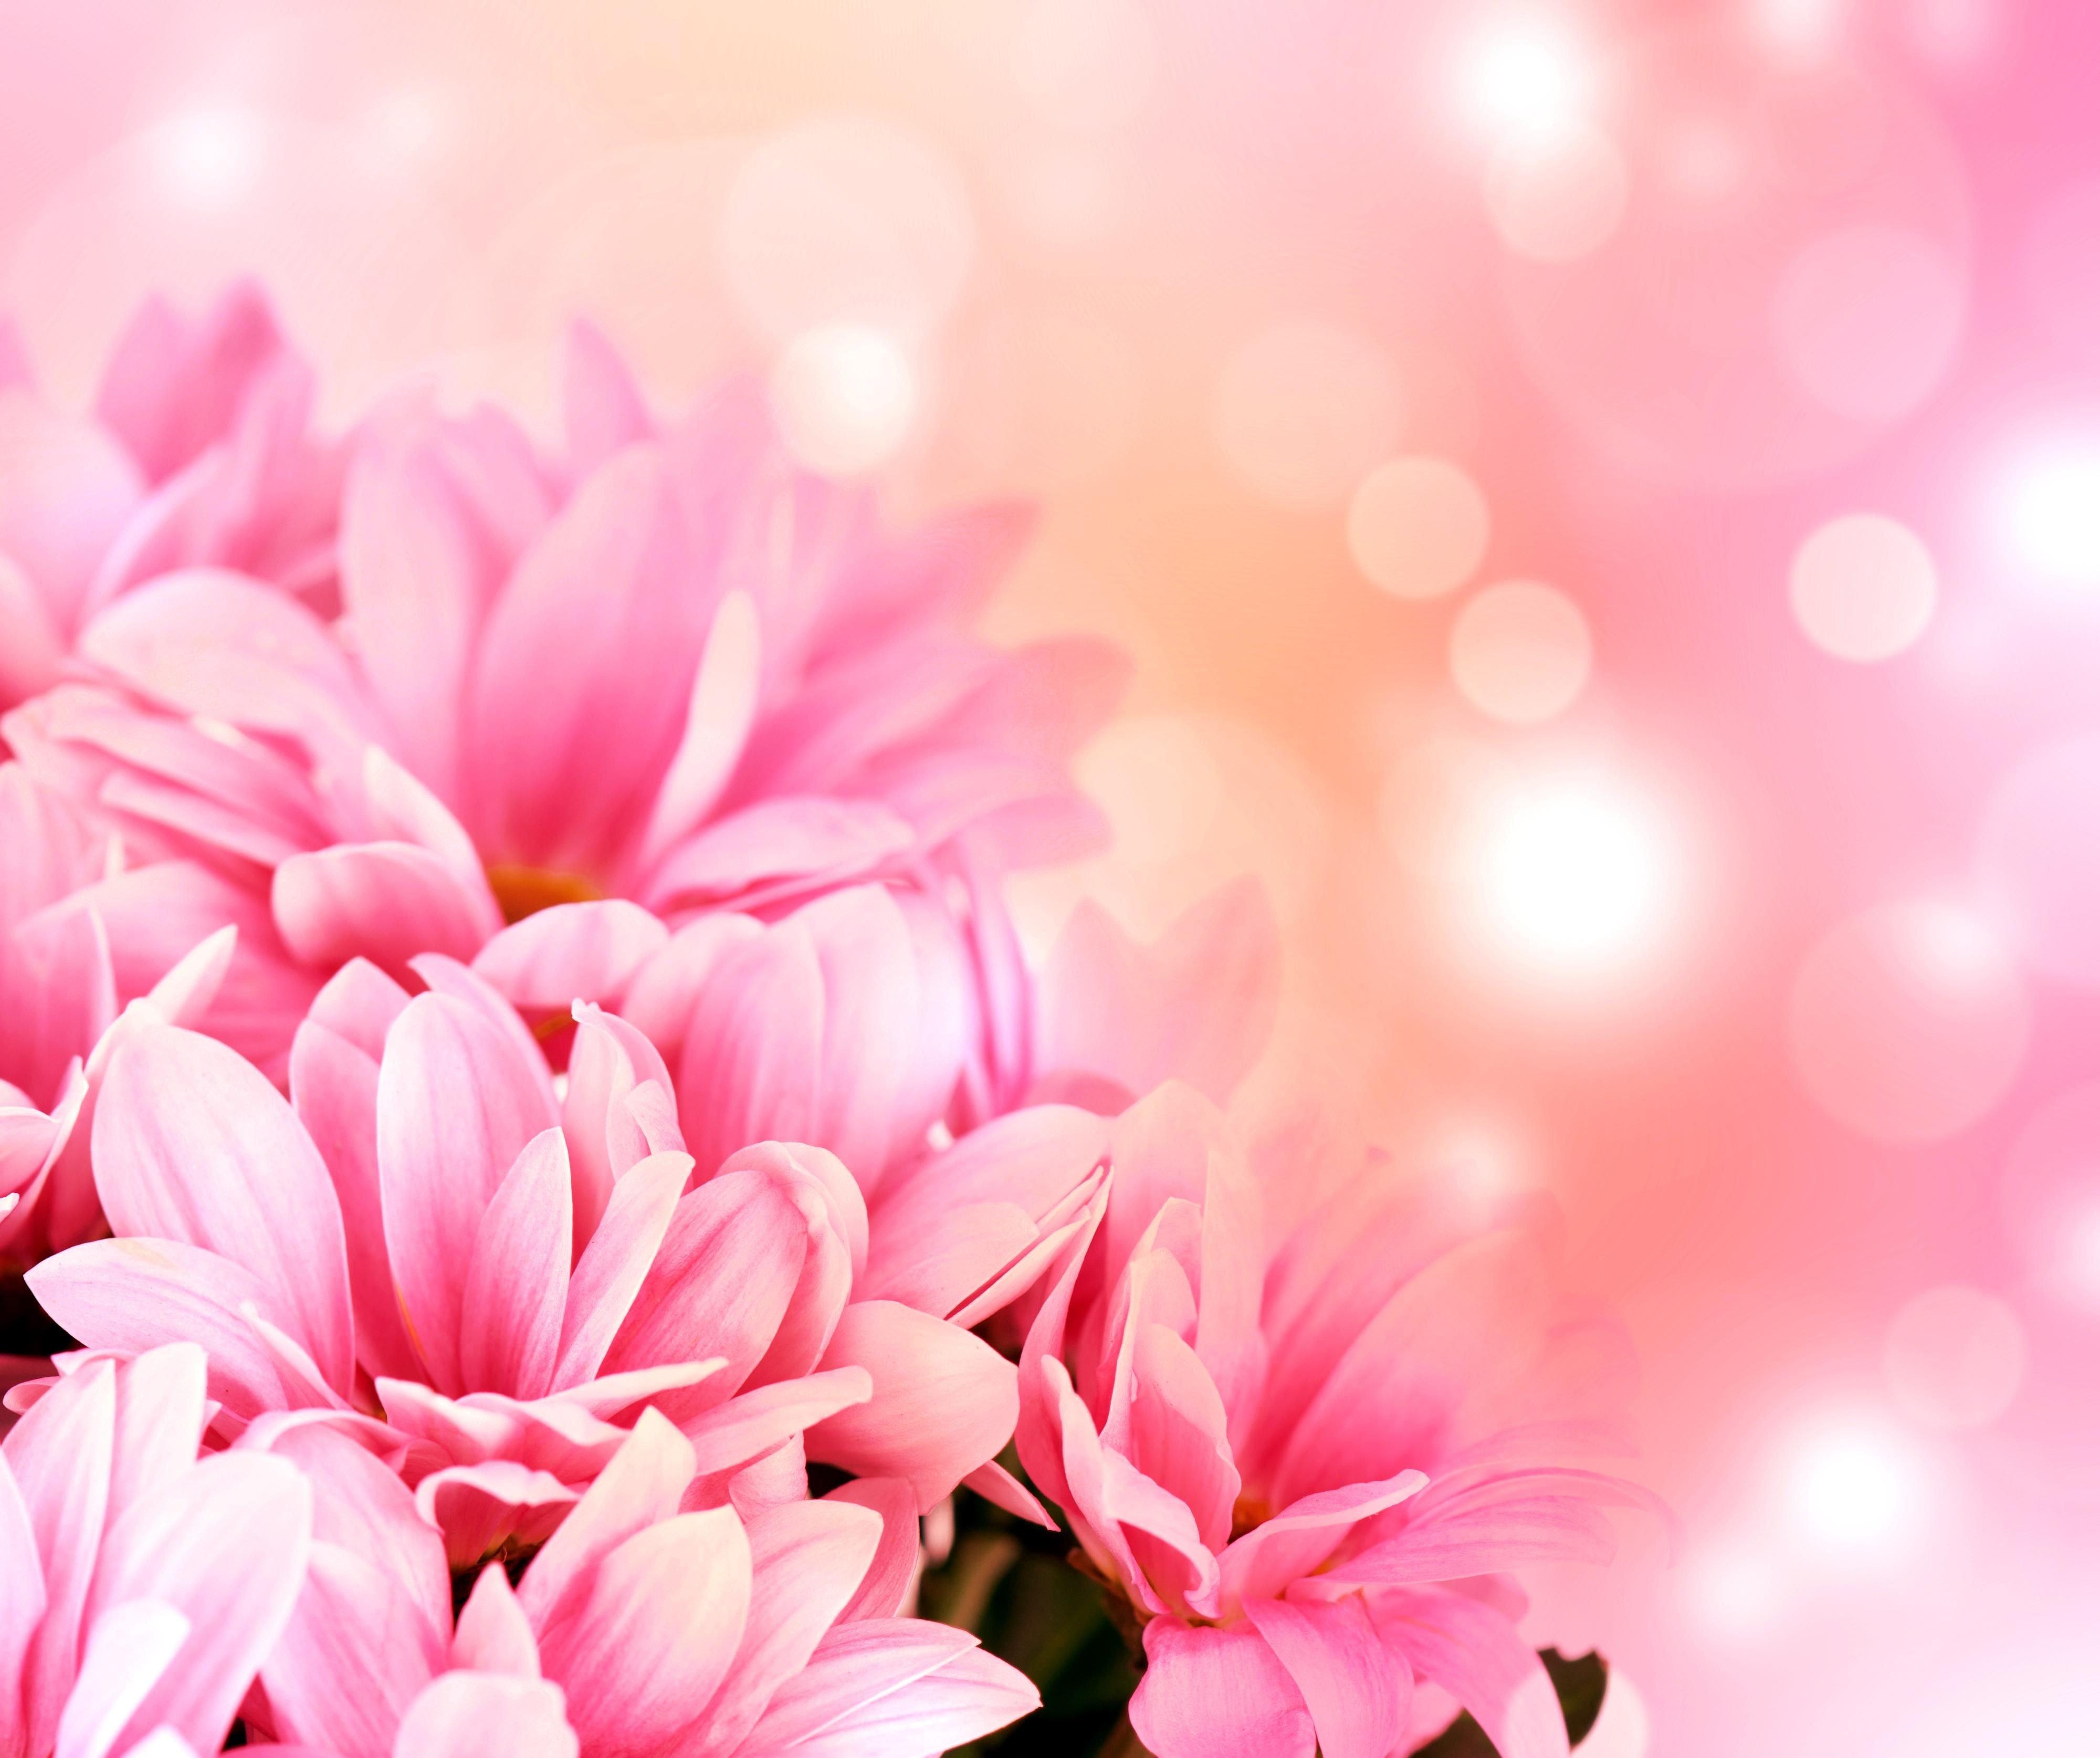 цветы для поздравительной открытки это растение нельзя